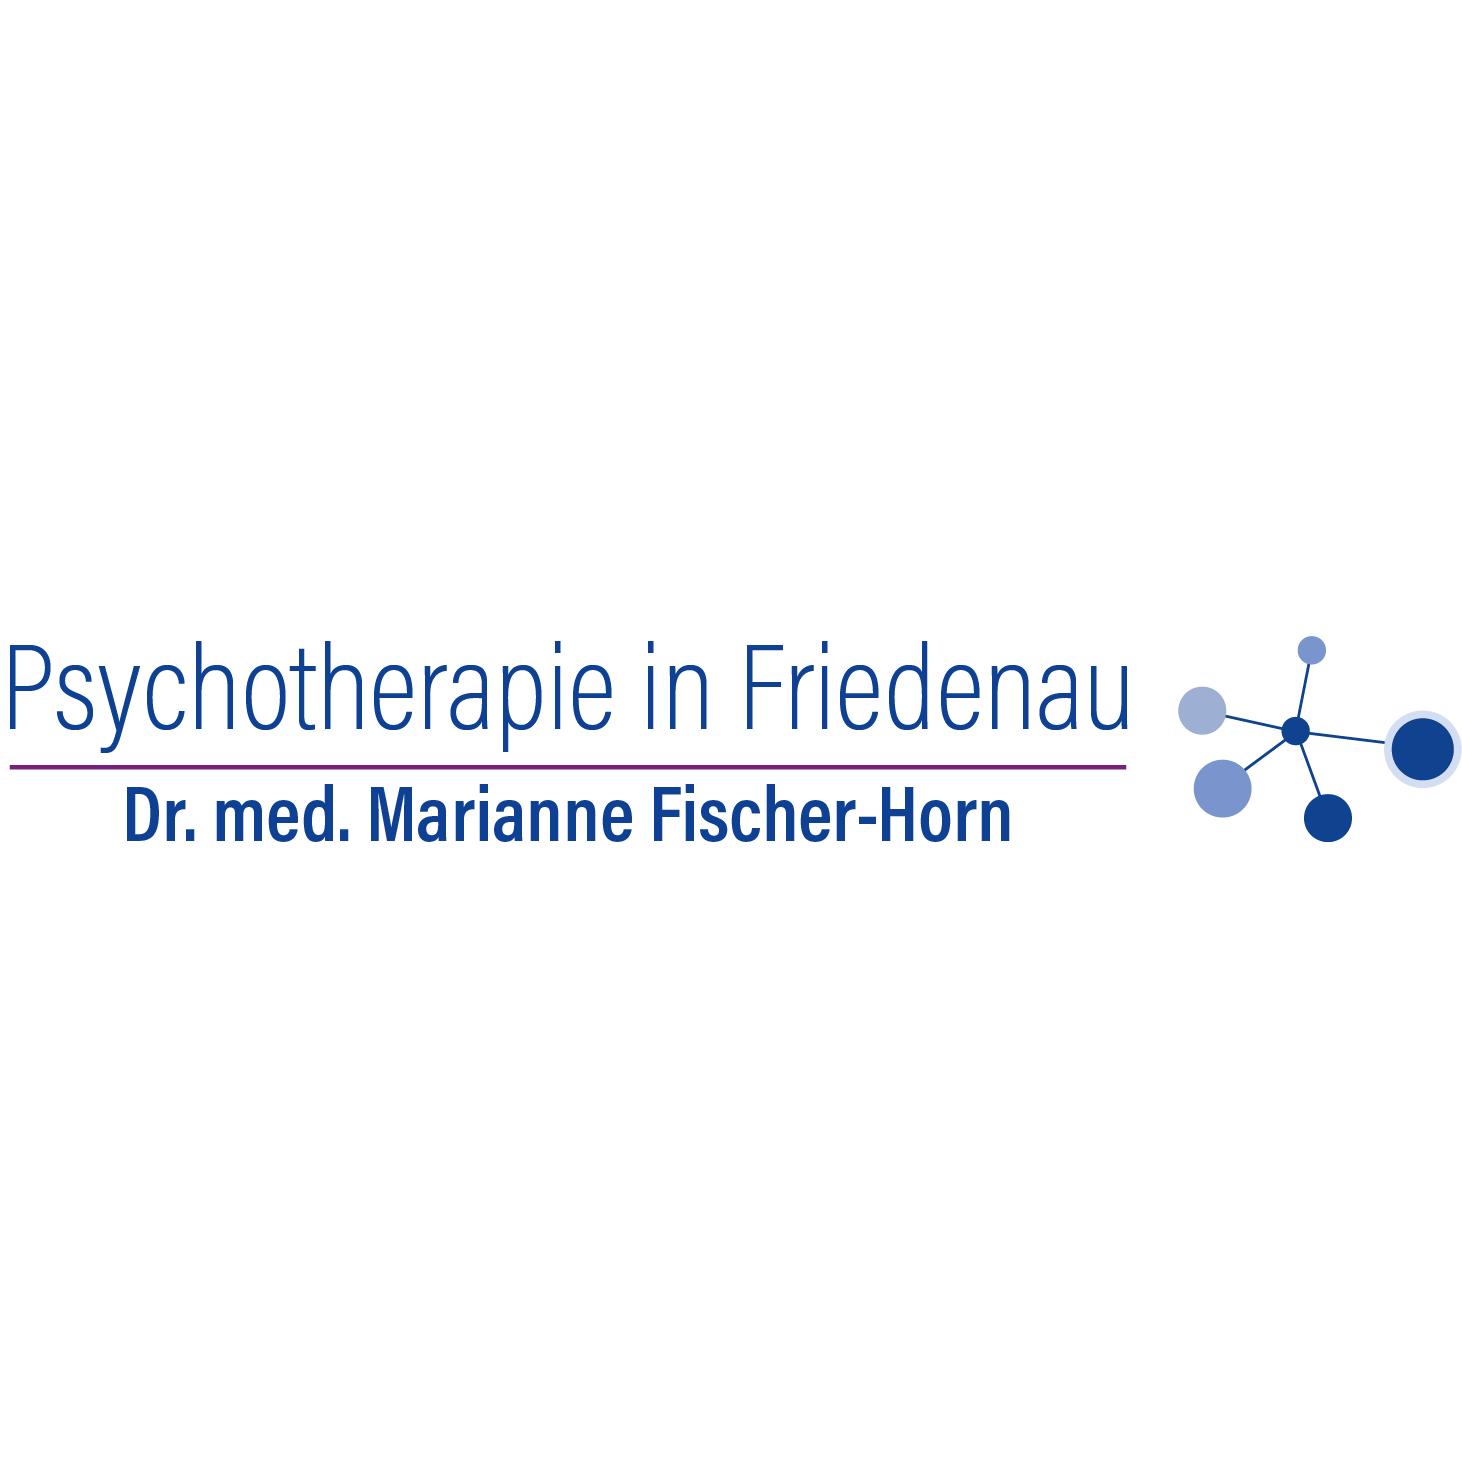 Bild zu Psychotherapie in Friedenau - Dr. med. Marianne Fischer-Horn, Fachärztin für Kinder- und Jugendheilkunde in Berlin